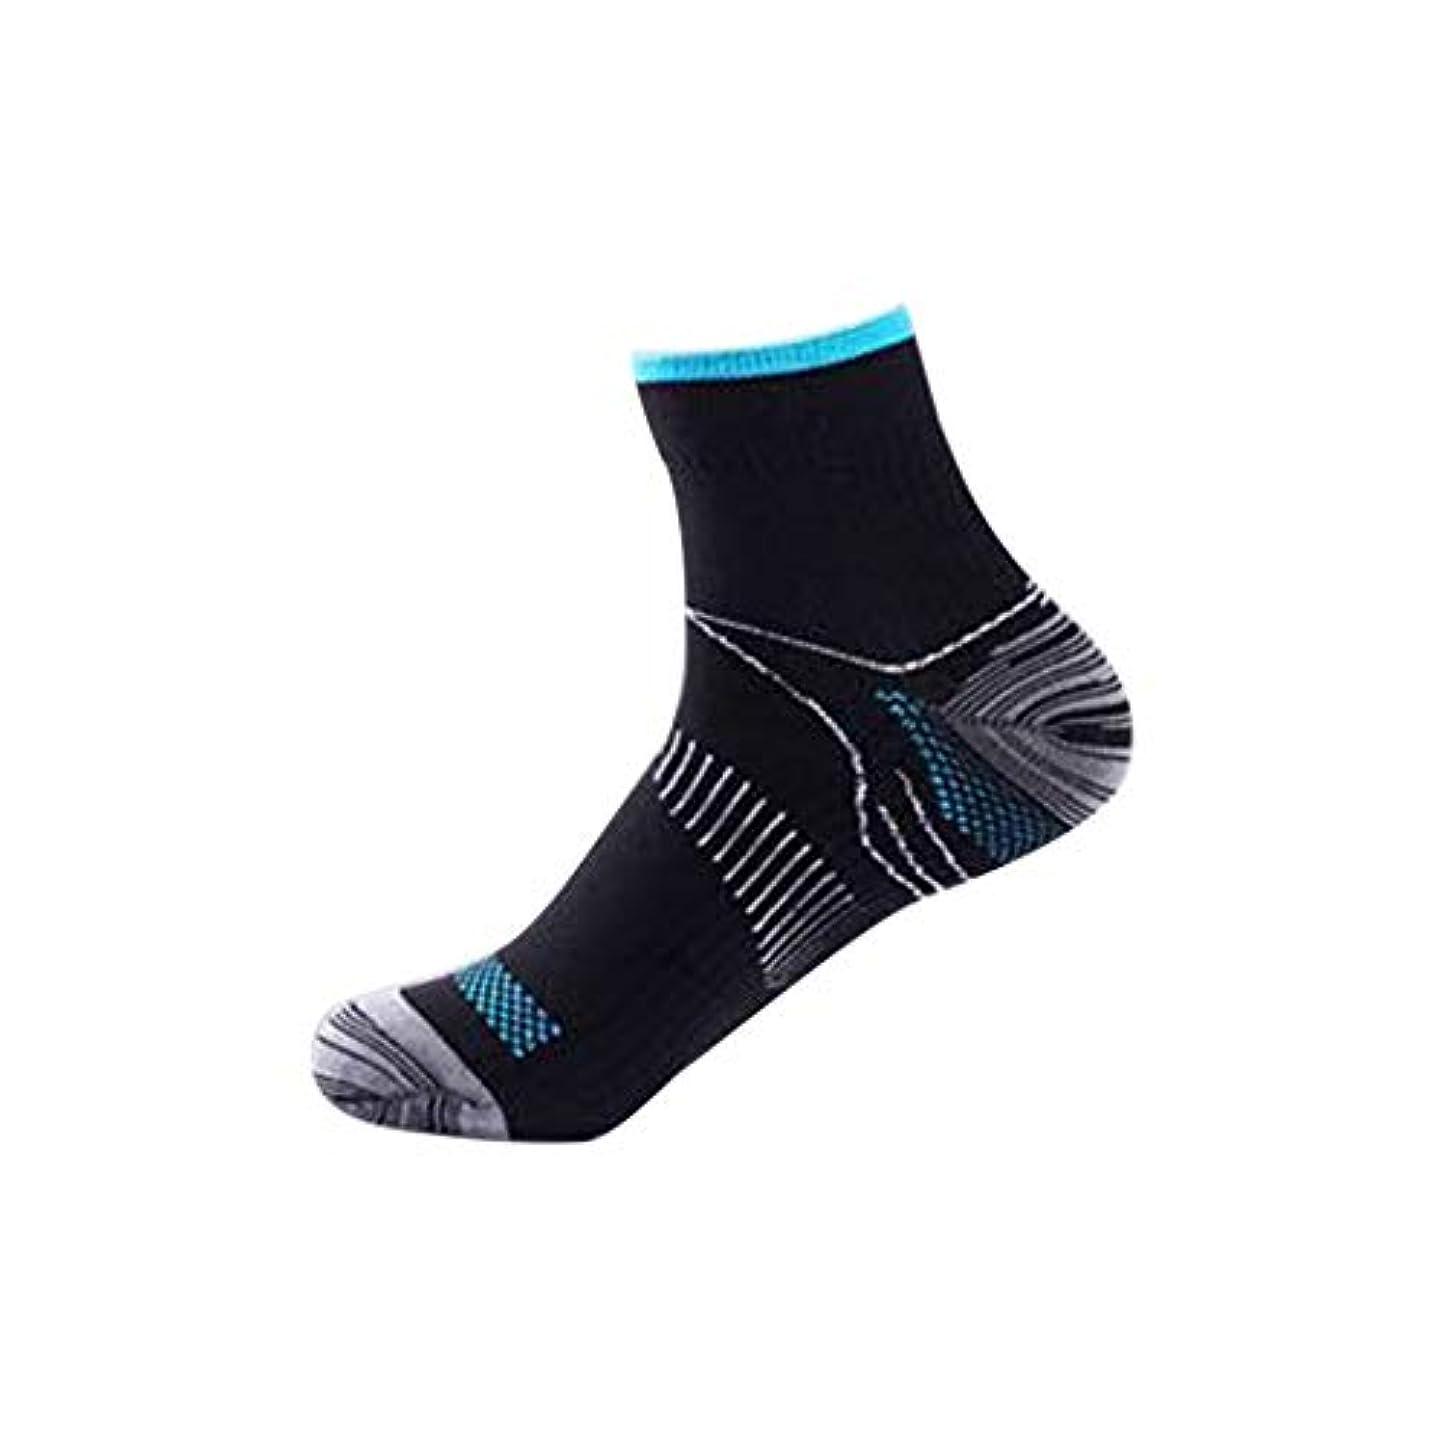 楽しませる消す犯罪快適な男性の女性の膝の靴下のサポートストレッチ通気性の靴下の下の短いストレッチ圧縮の靴下(Color:black&blue)(Size:S/M)